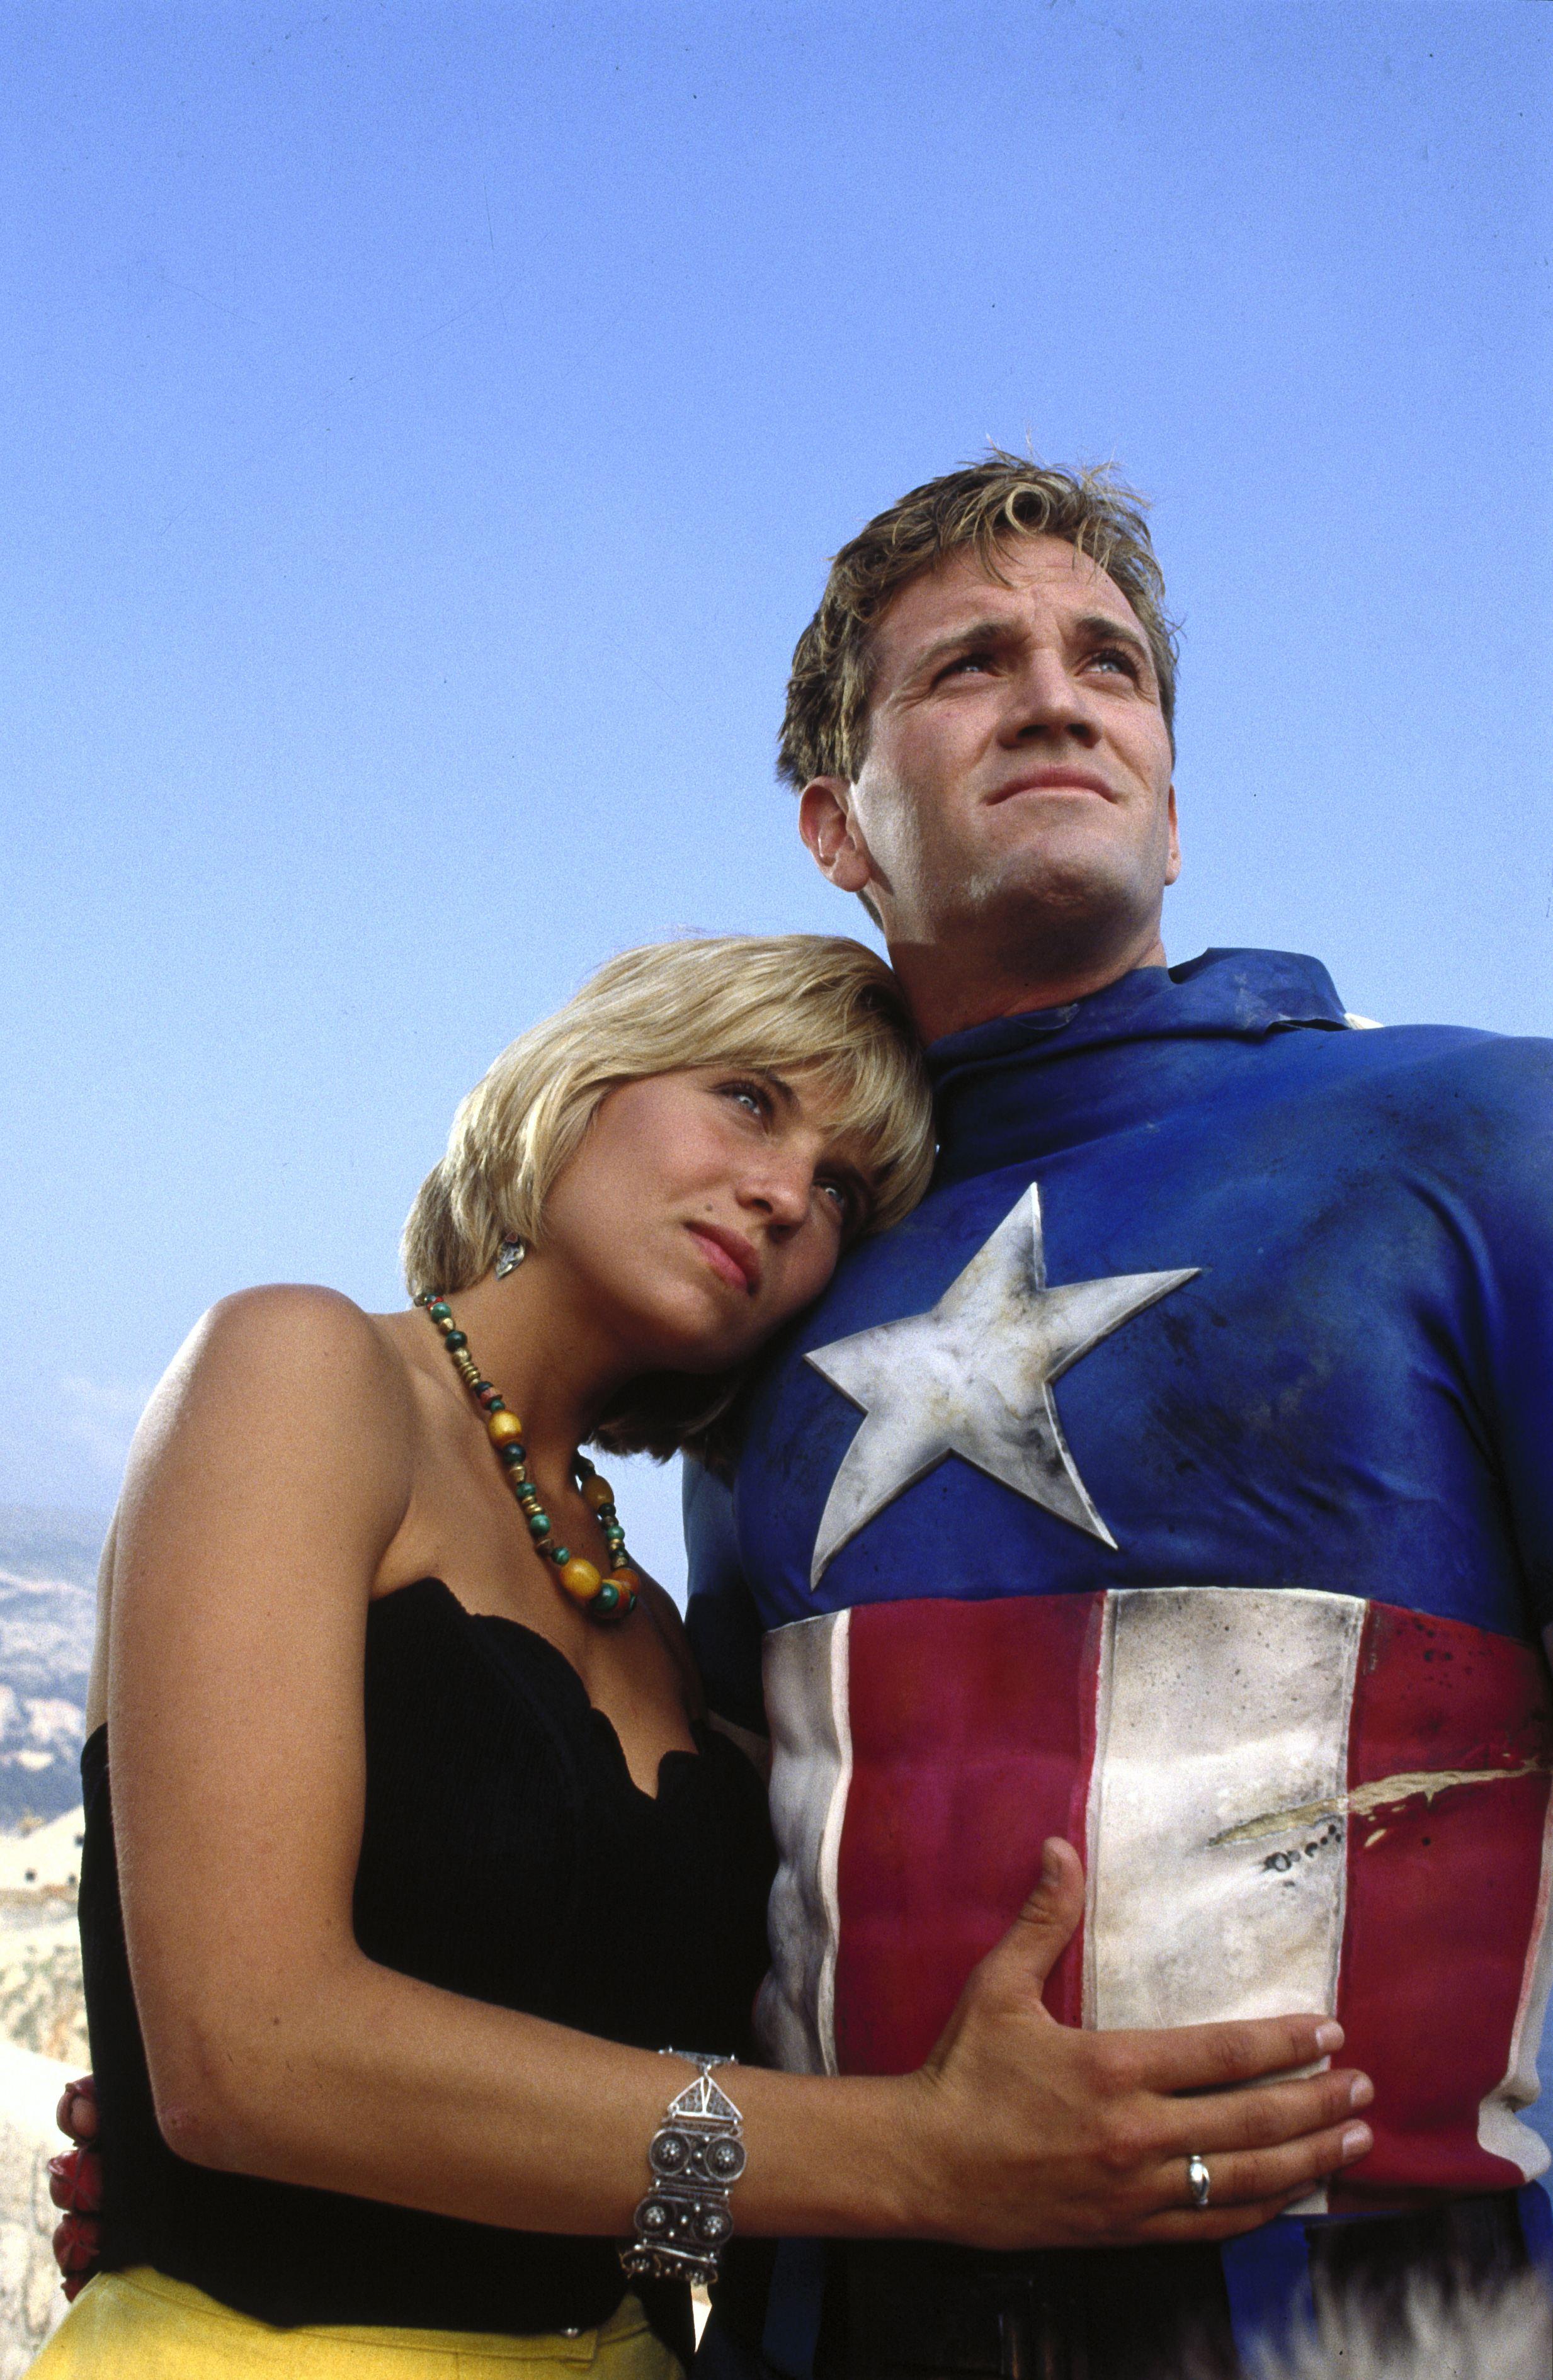 кадры из фильма Капитан Америка Ким Гиллингем, Мэтт Сэлинджер,